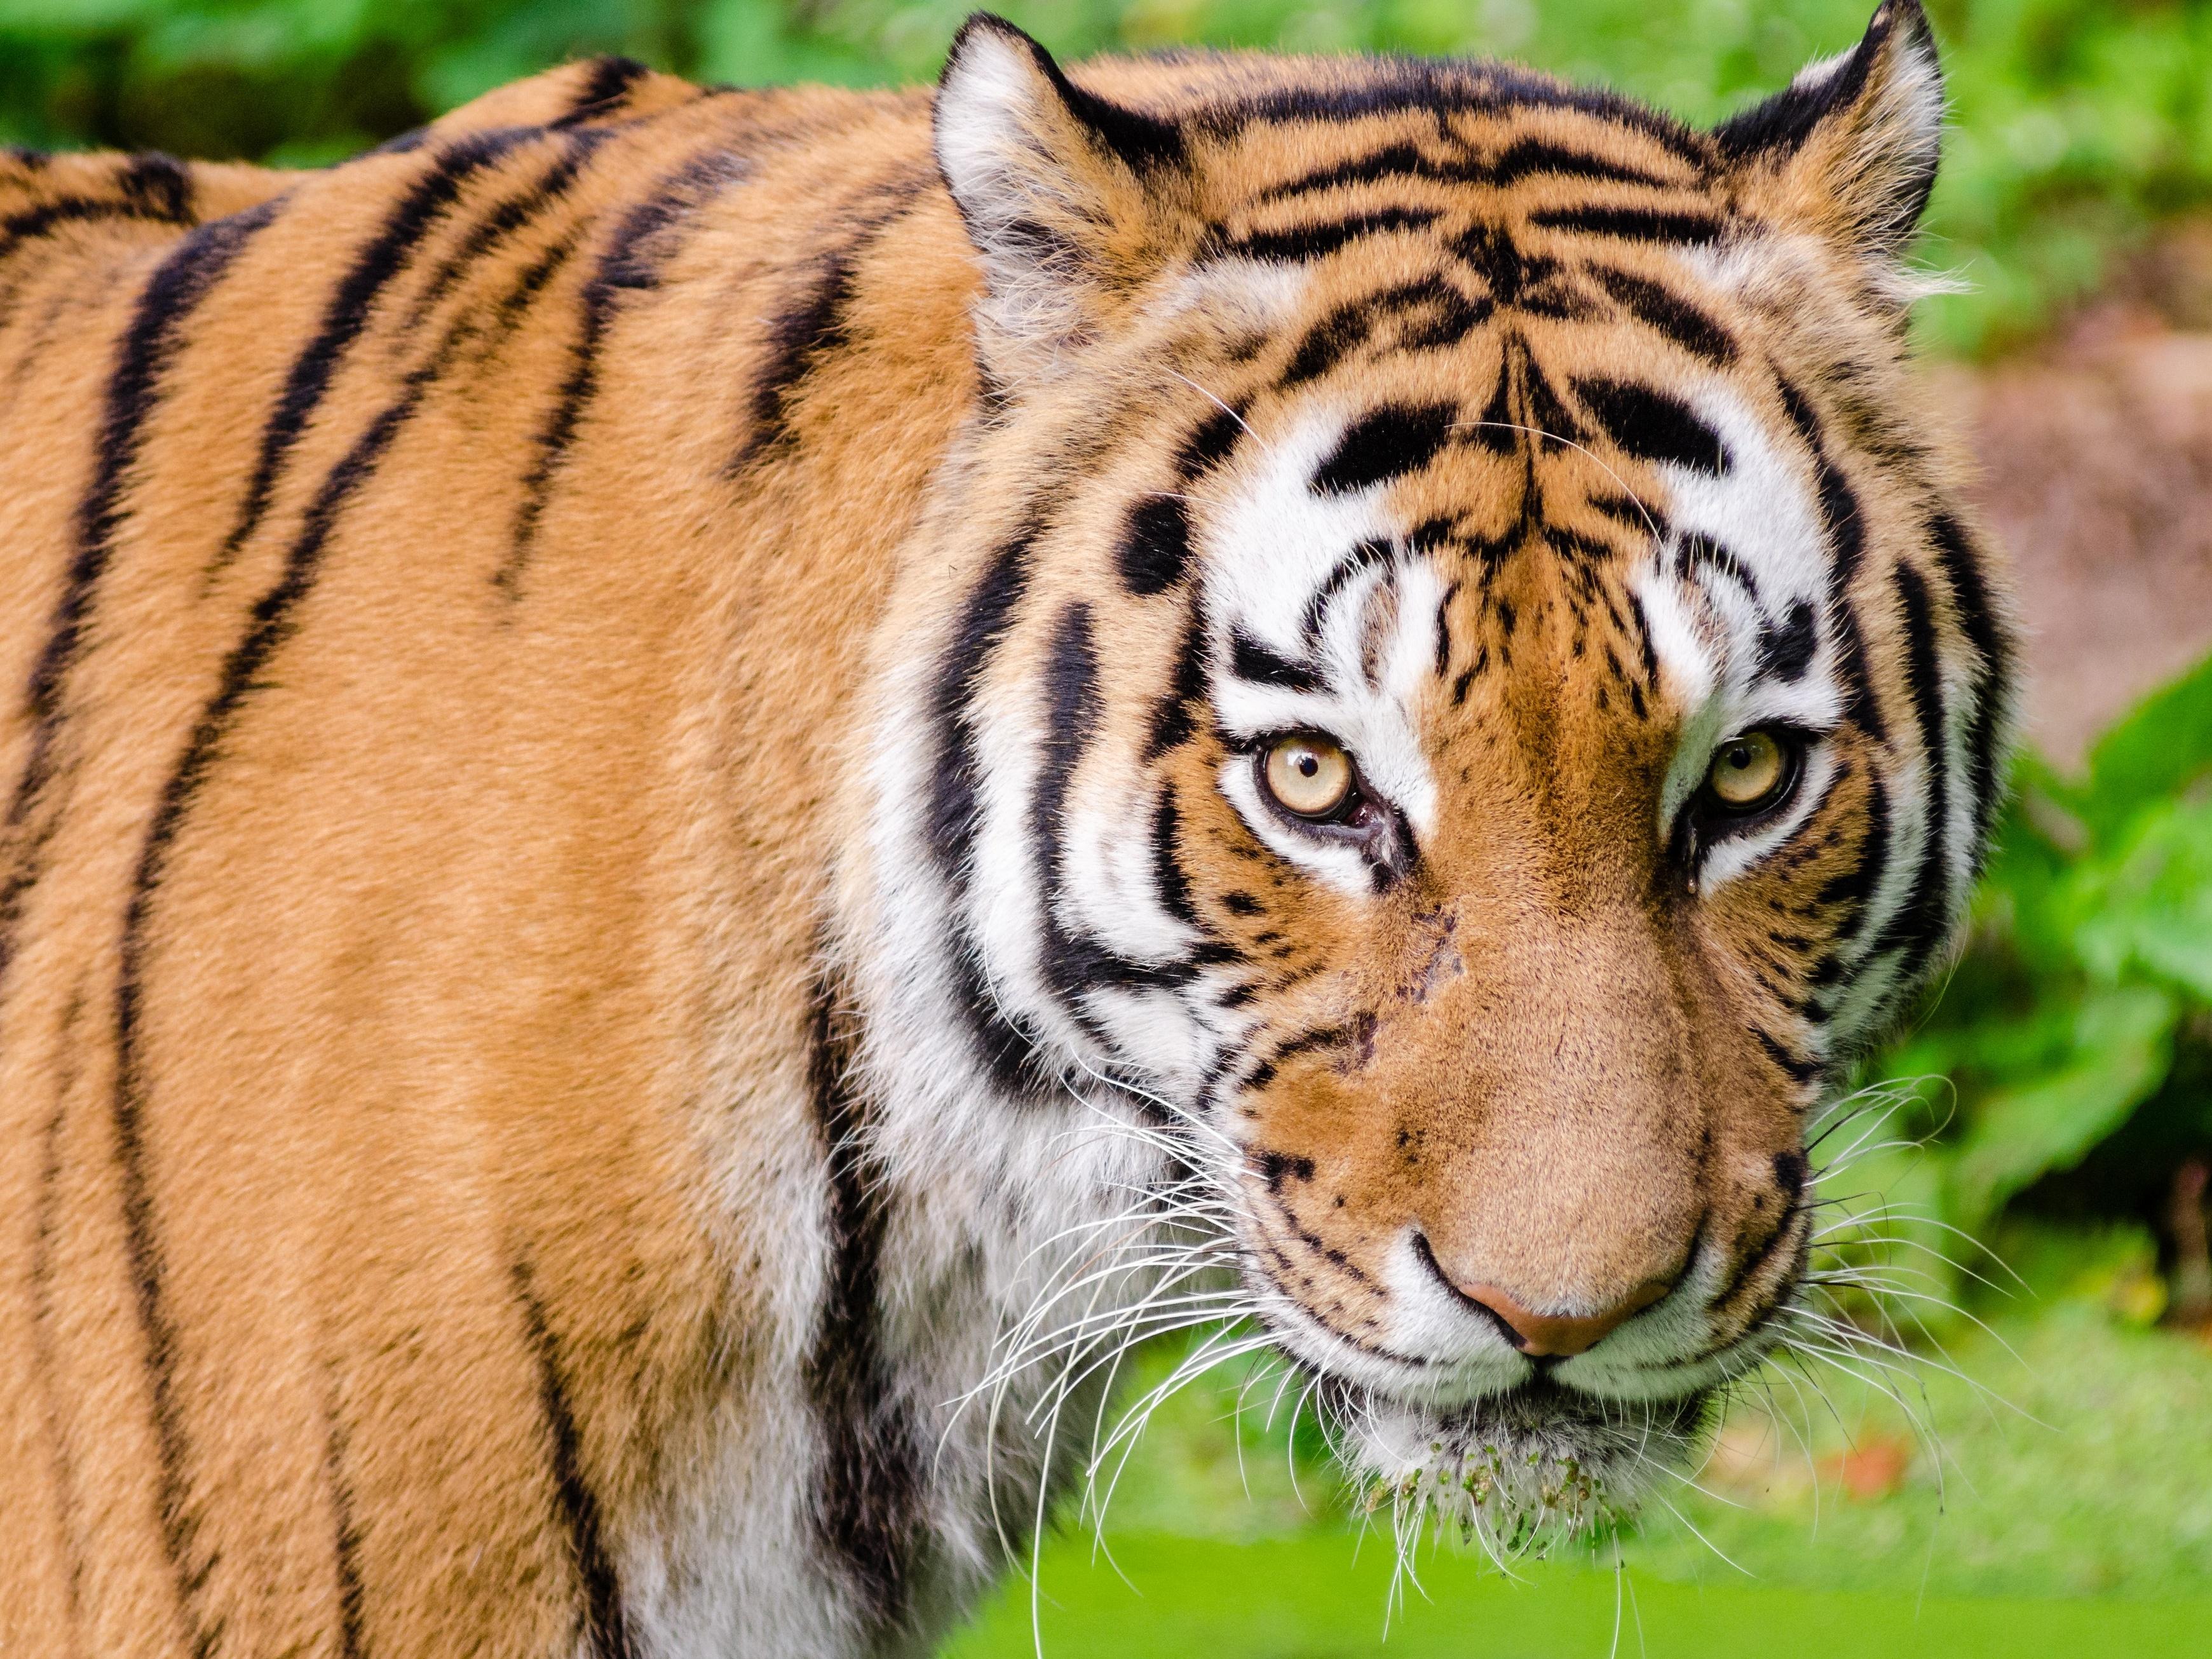 ČR a Vietnam zintenzivní boj proti černému obchodu s ohroženými druhy. Chtějí do něj víc zapojit veřejnost